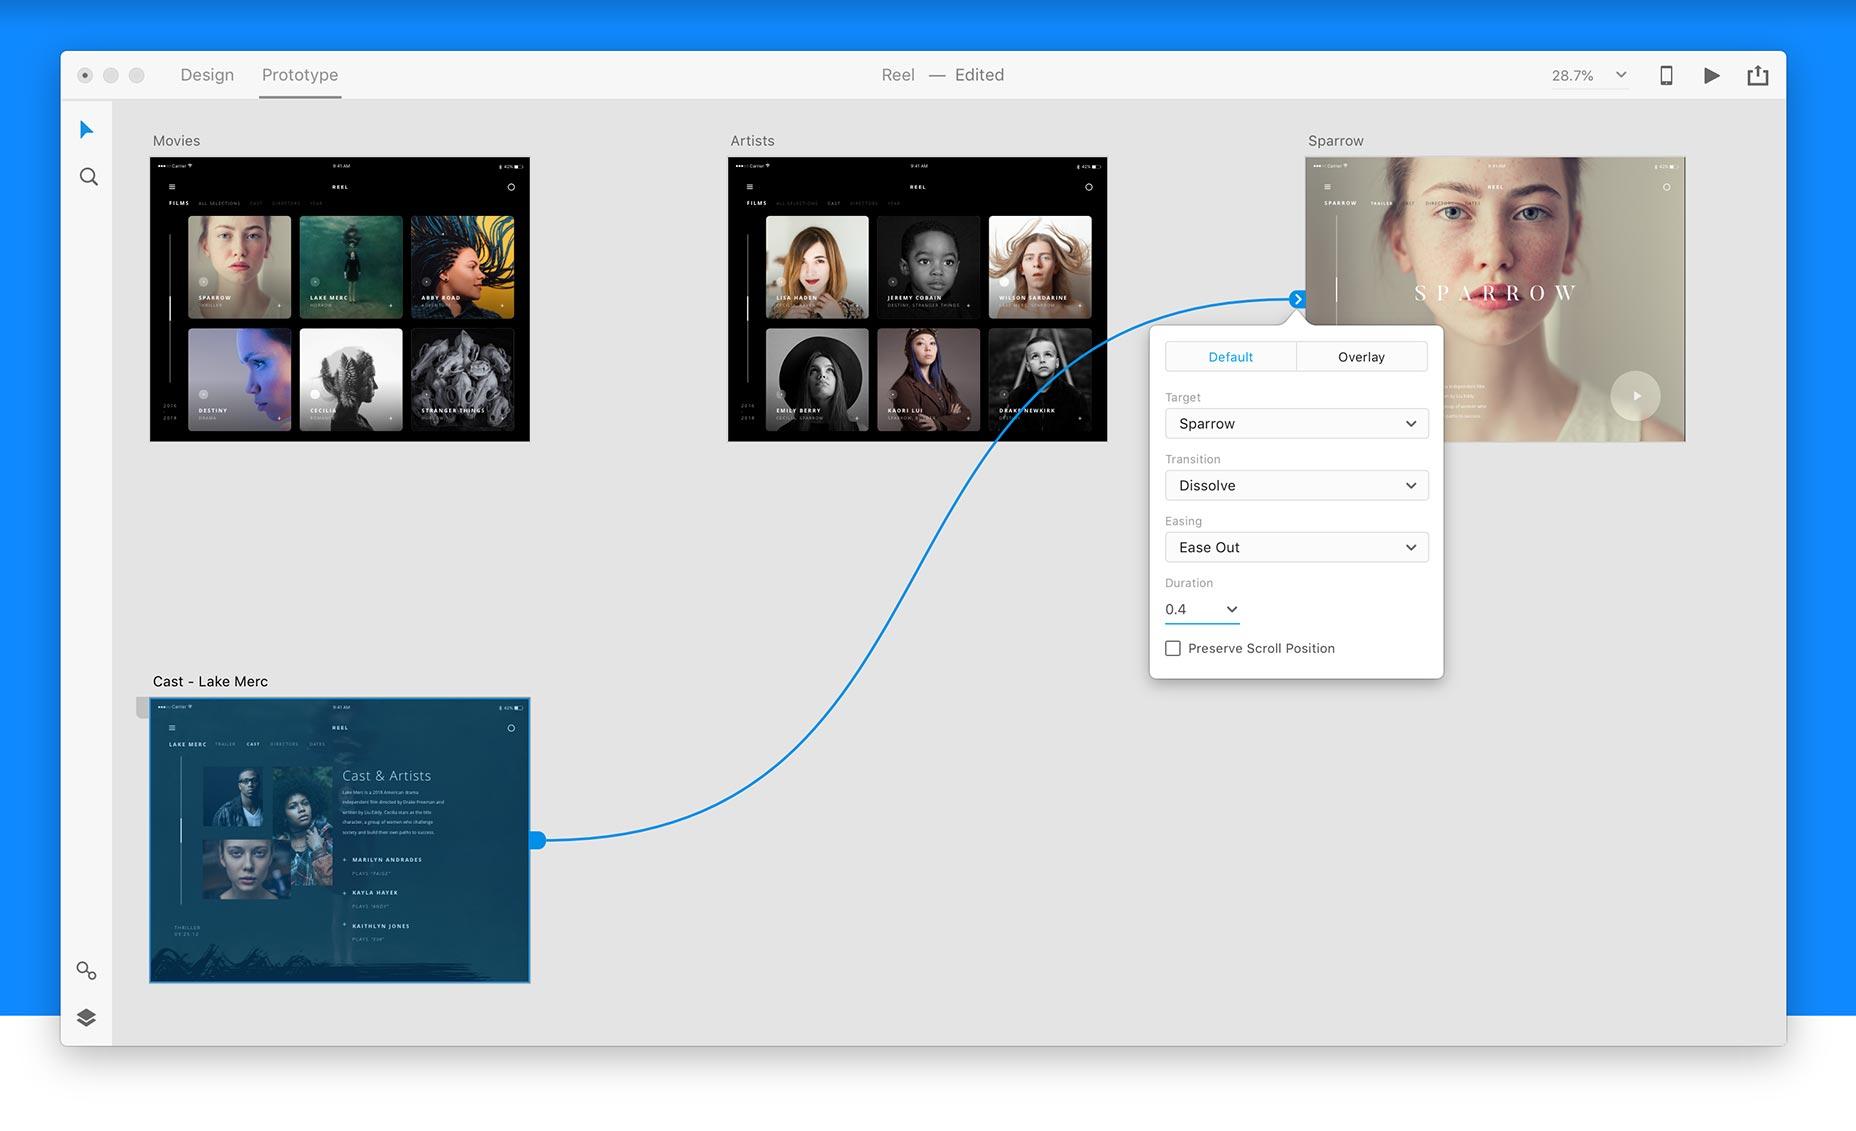 004_prototyping